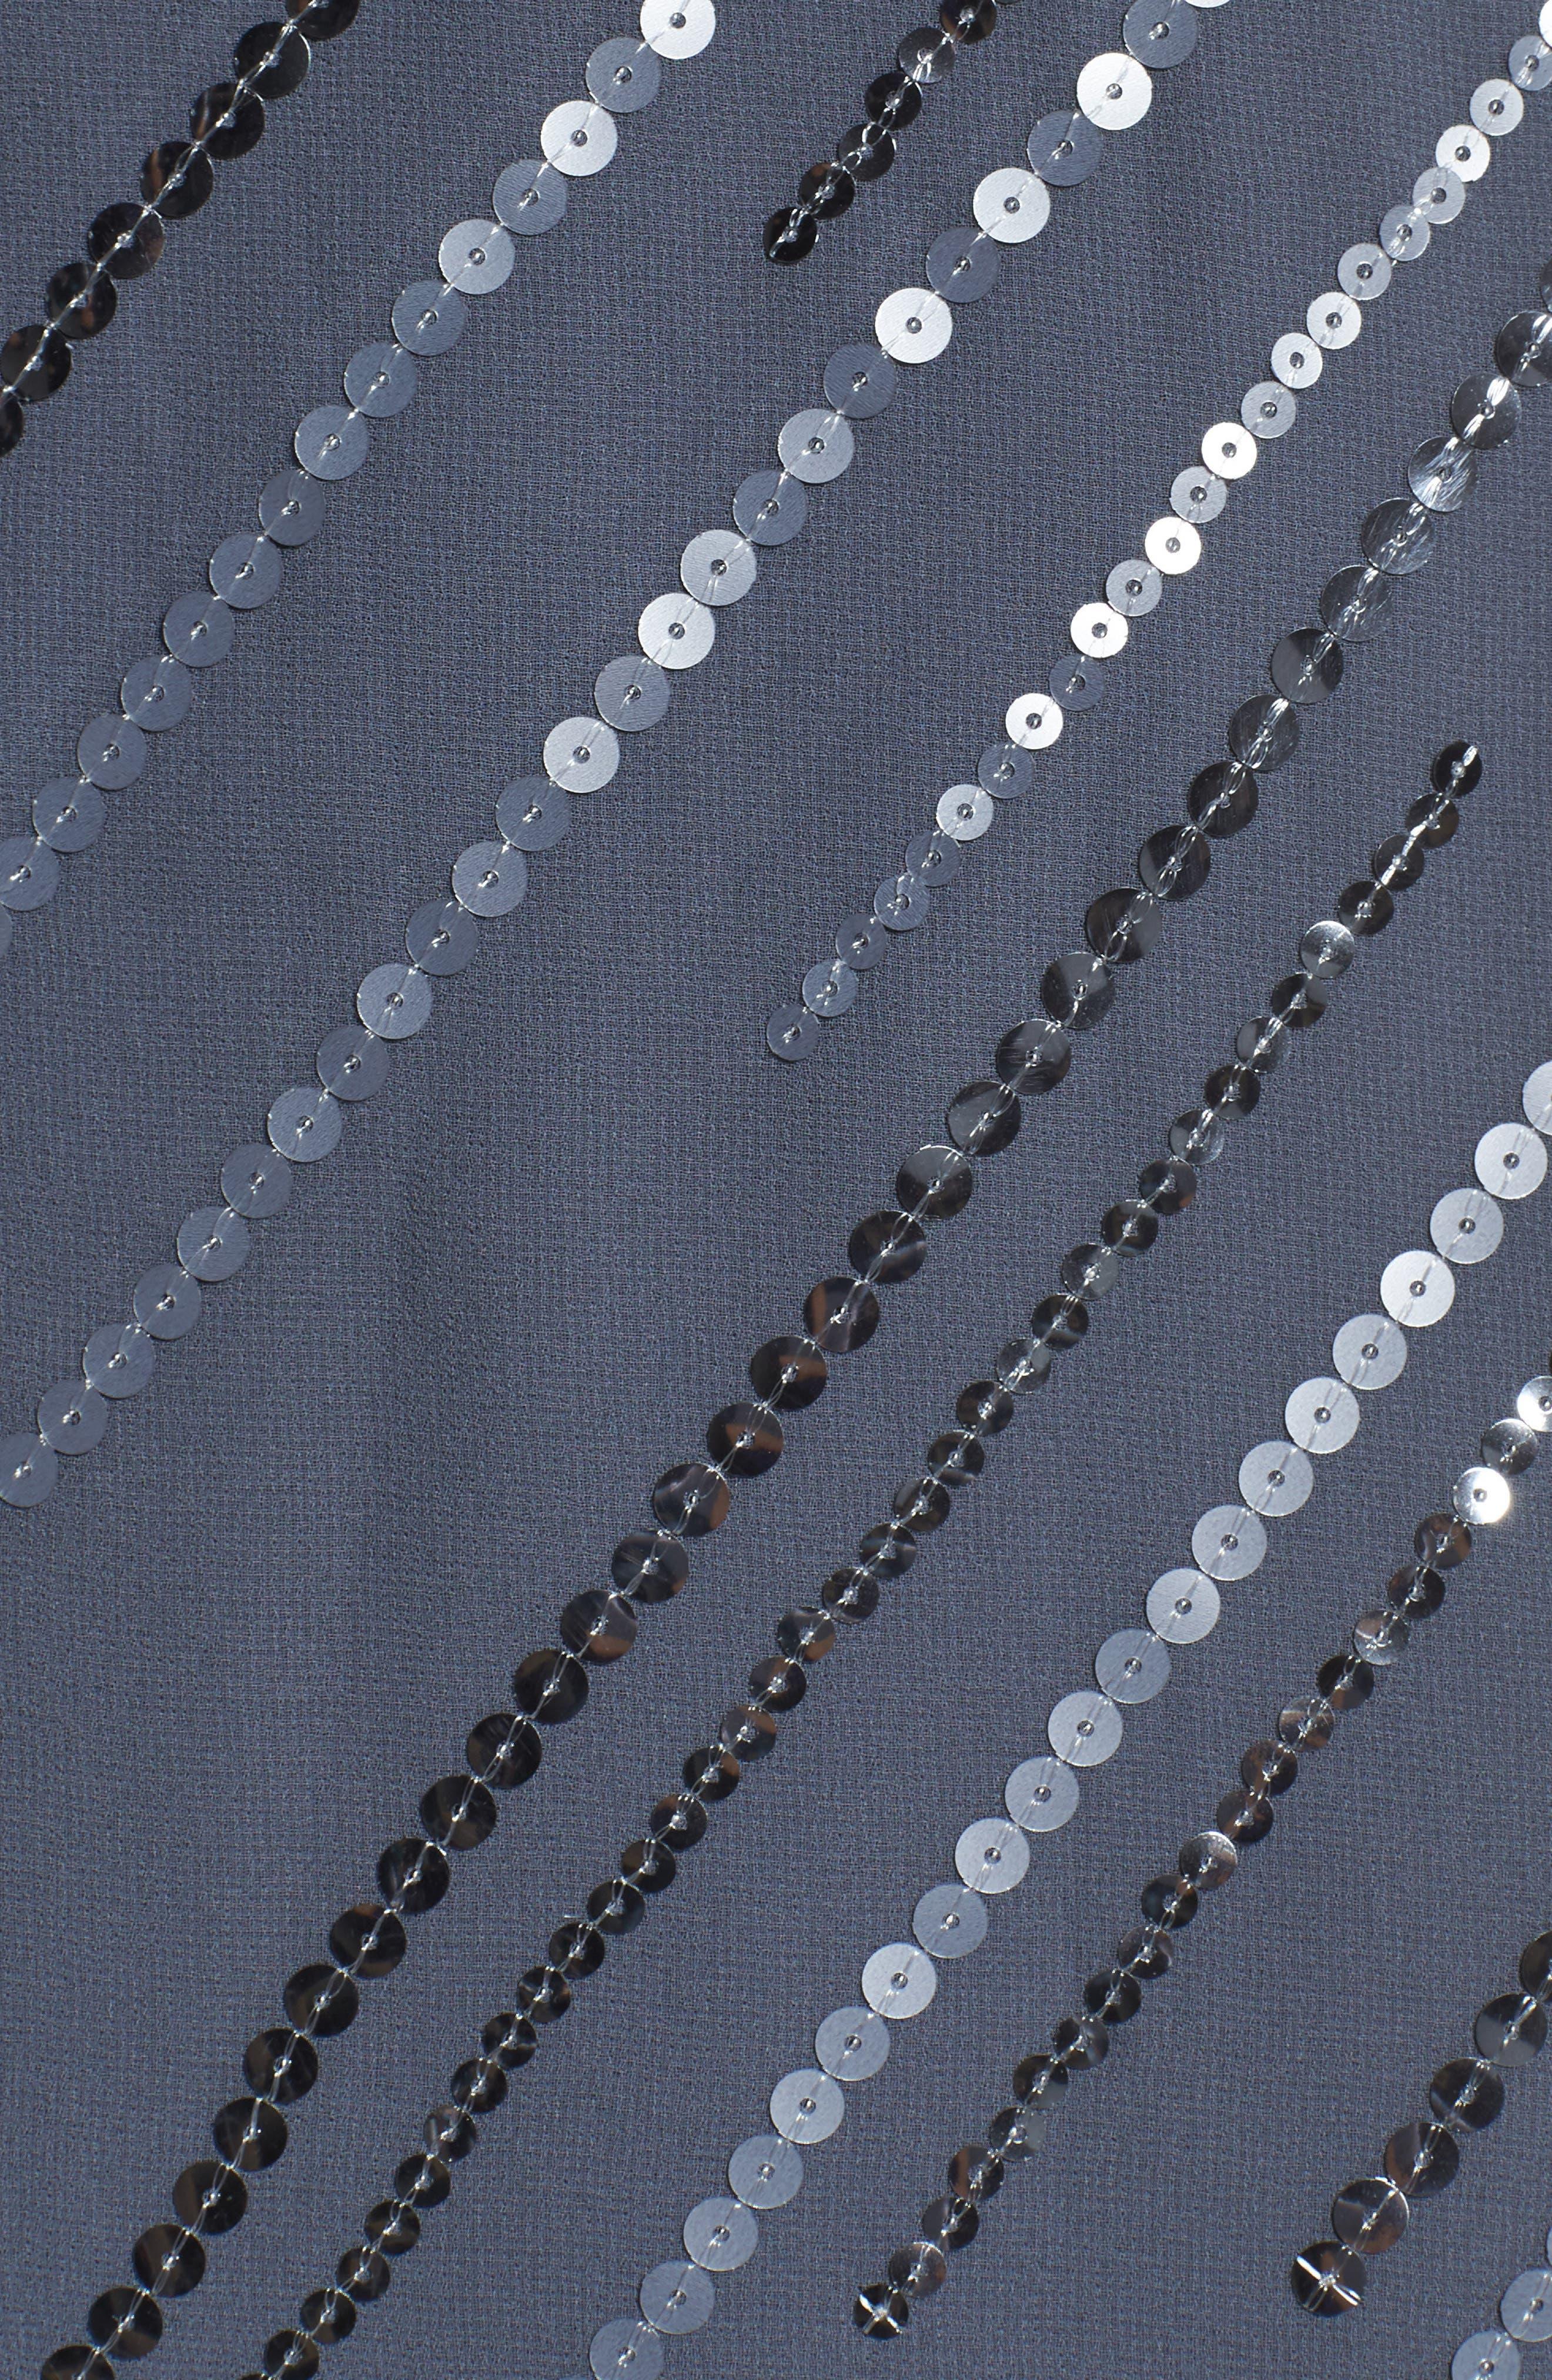 Sequin A-Line Dress,                             Alternate thumbnail 5, color,                             451